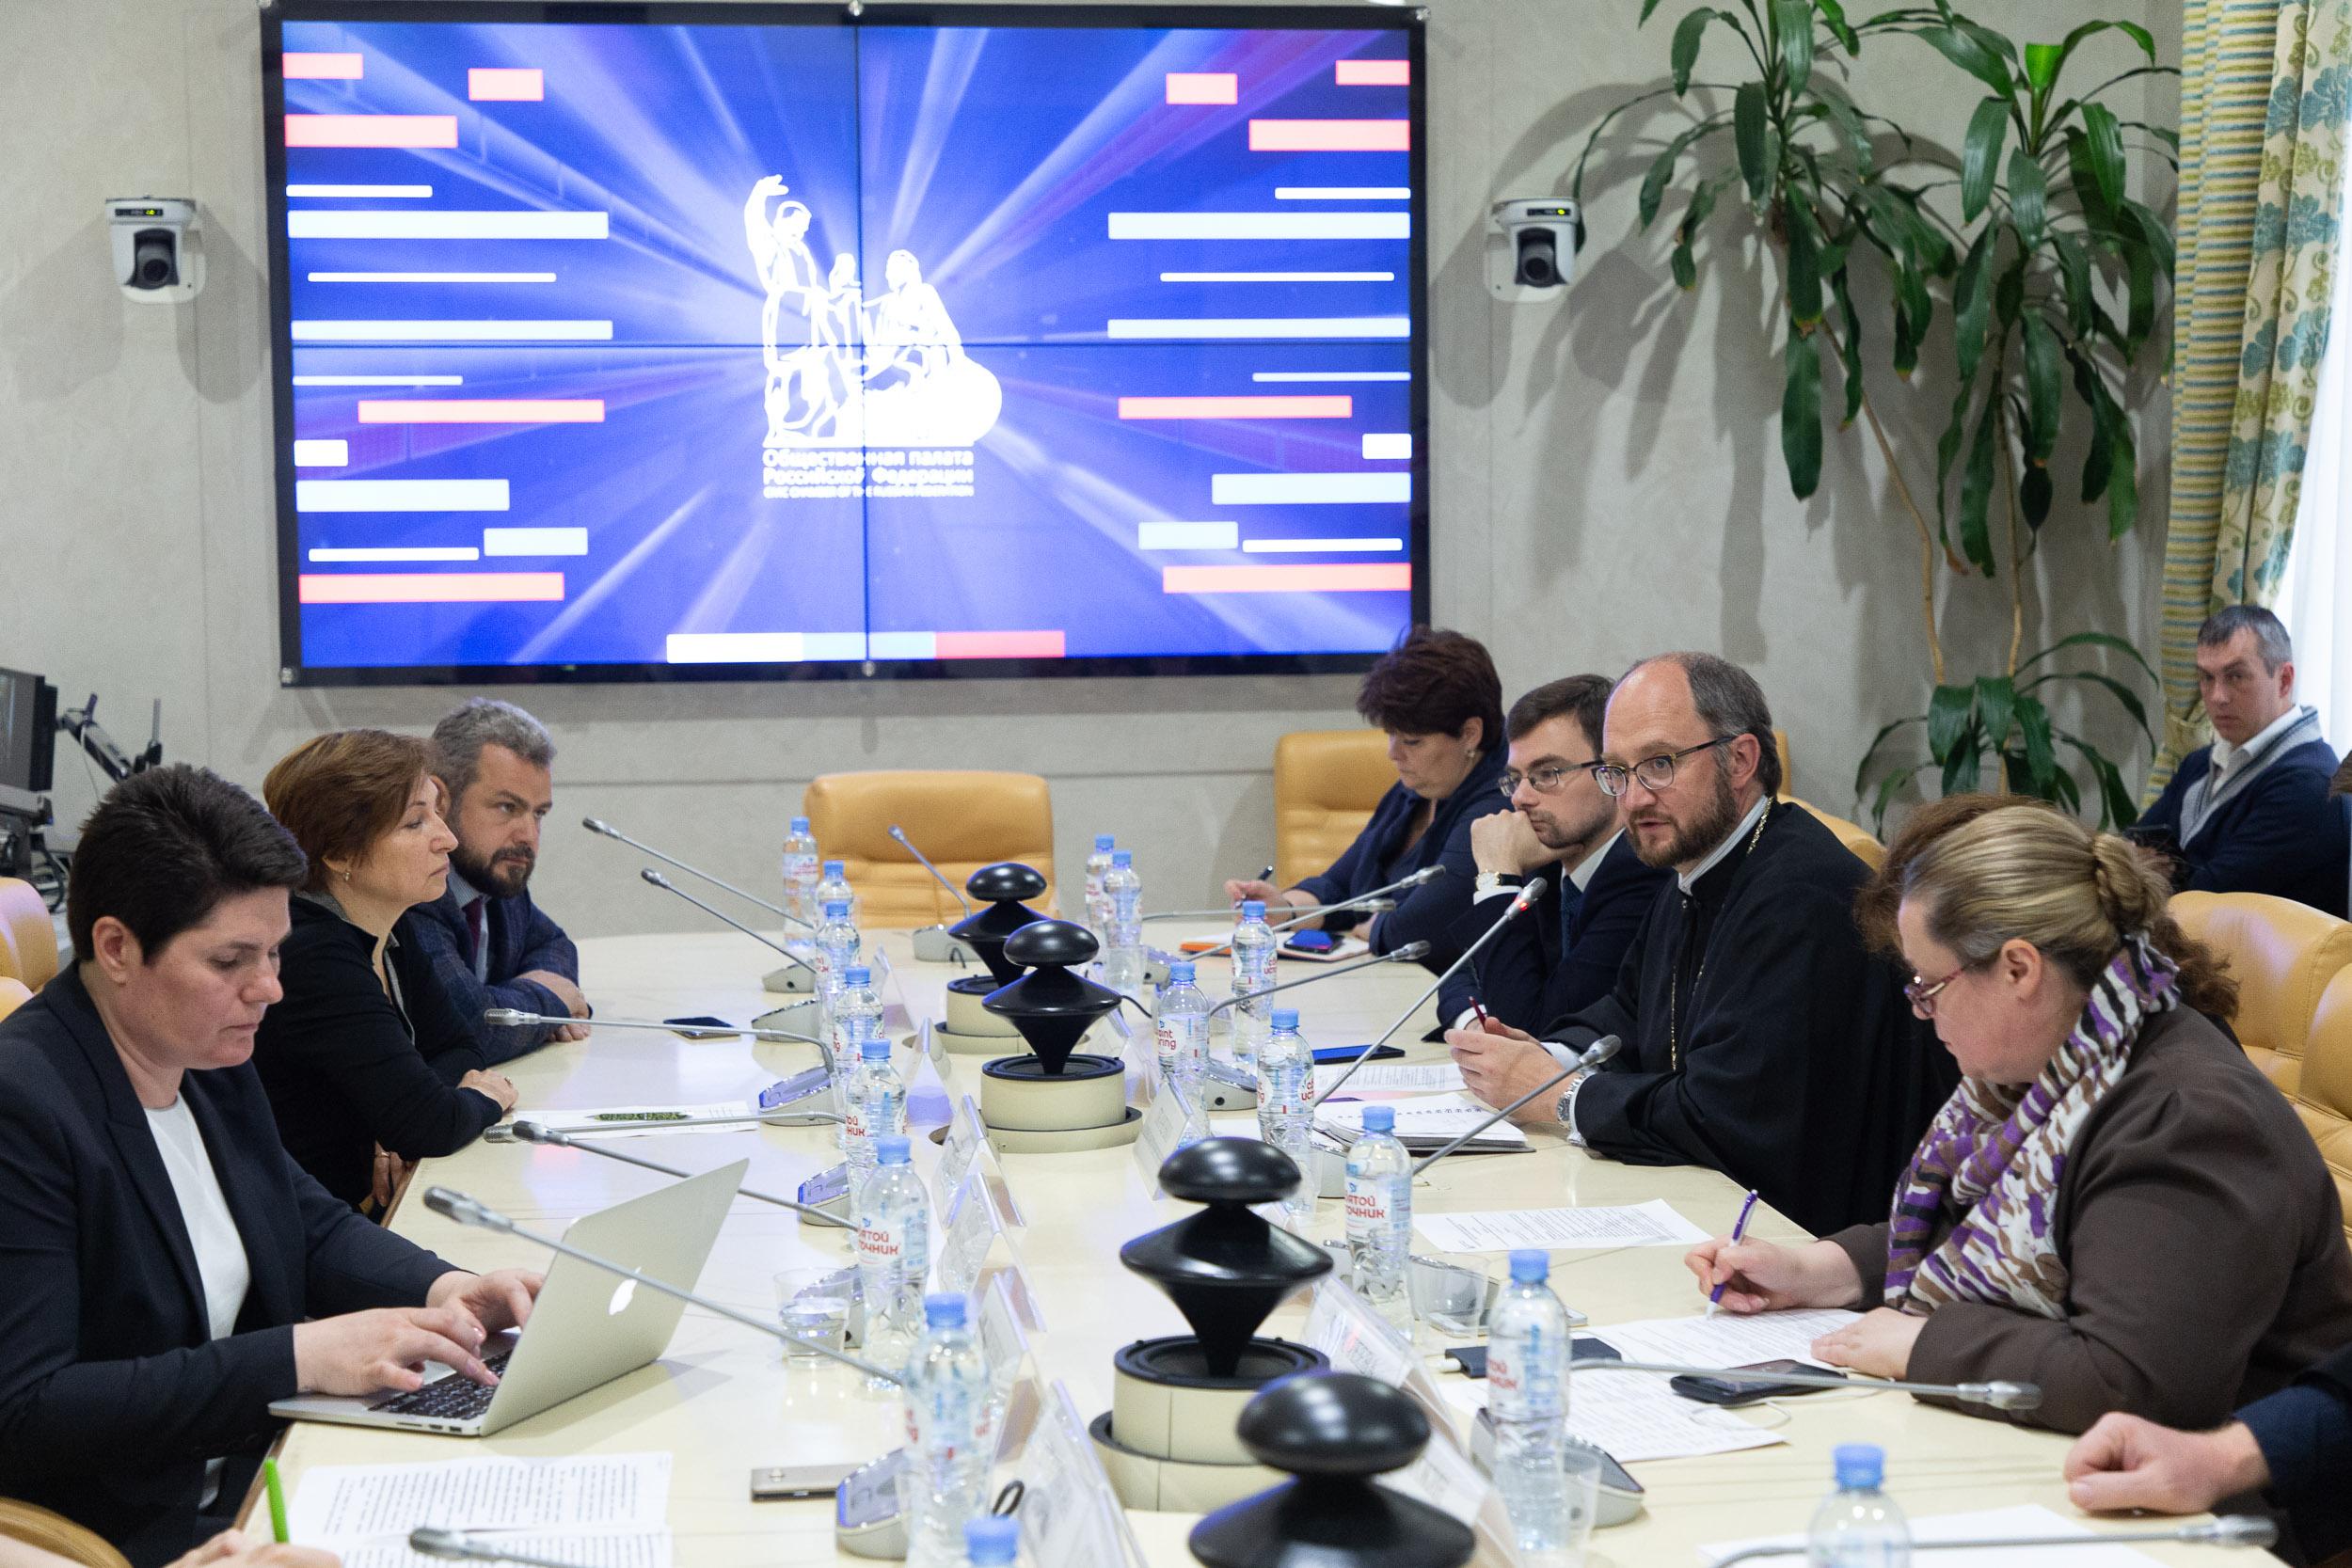 В Общественной палате РФ обсудили работу церковных некоммерческих организаций в сфере оказания социальных услуг